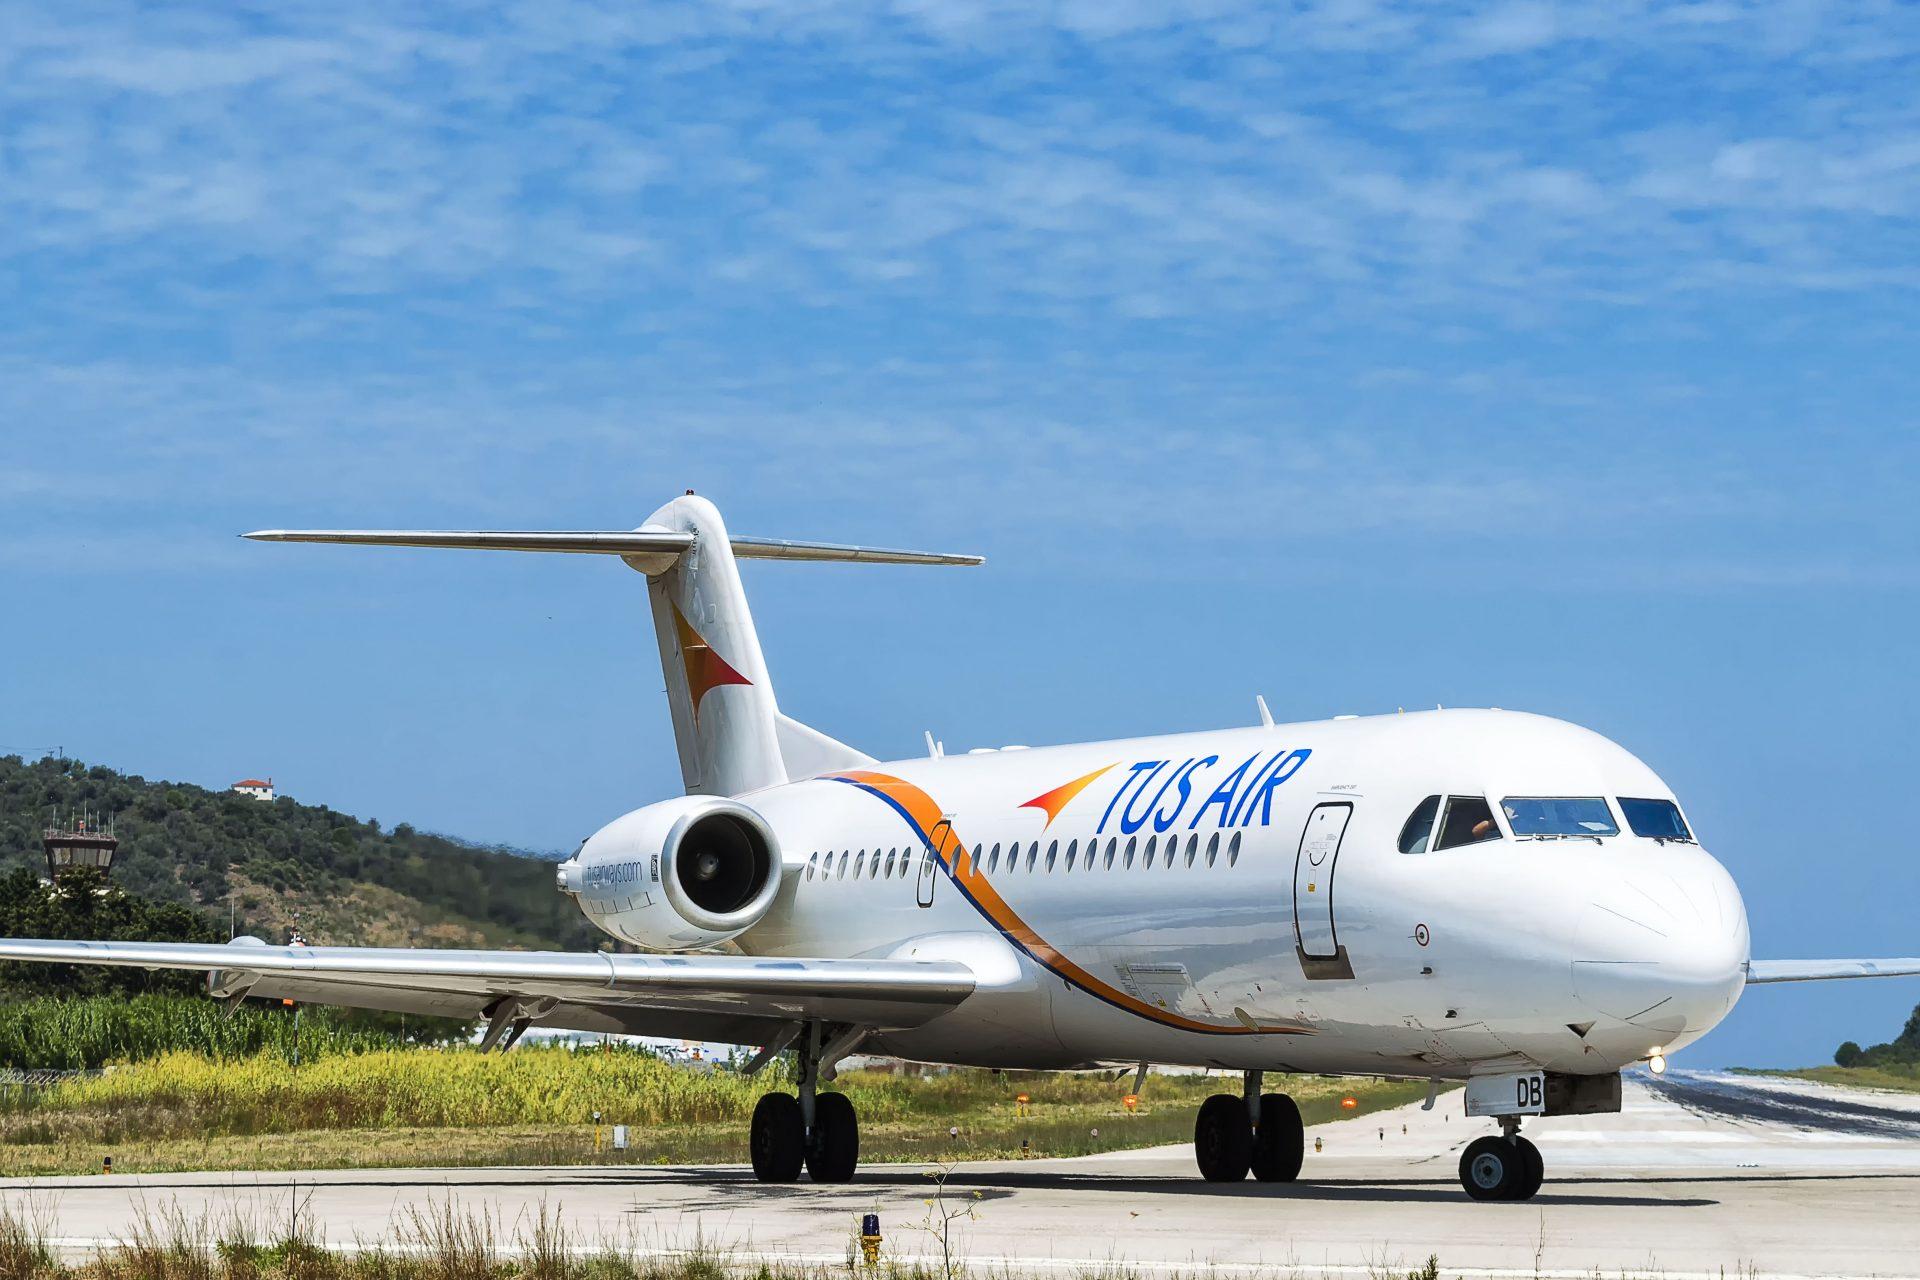 Πετάμε από Λάρνακα για Μύκονο, Σκιάθο και Πρέβεζα, με τιμές που αρχίζουν από €65